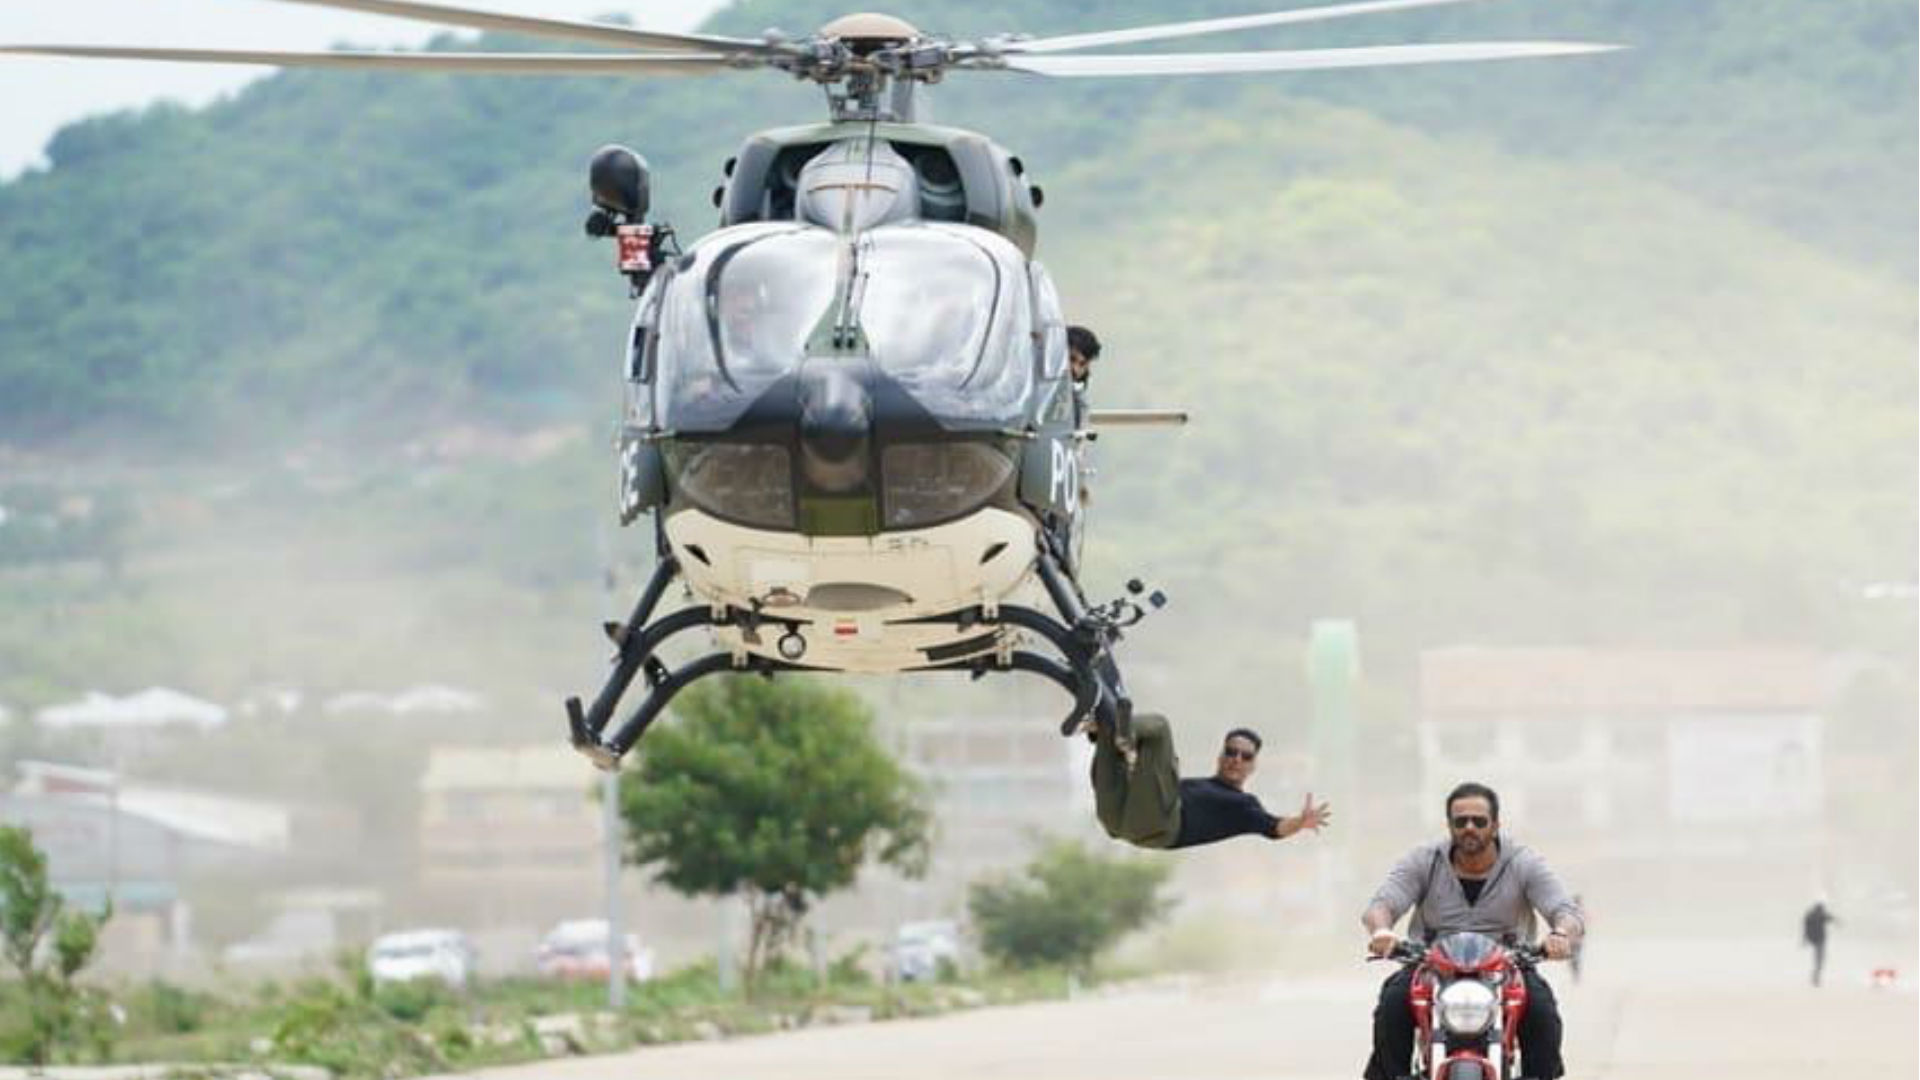 अक्षय कुमार ने फिल्म सूर्यवंशी के सेट से शेयर किया अपने स्टंट का वीडियो, एक्शन को यूं बताया अपनी लाइफलाइन